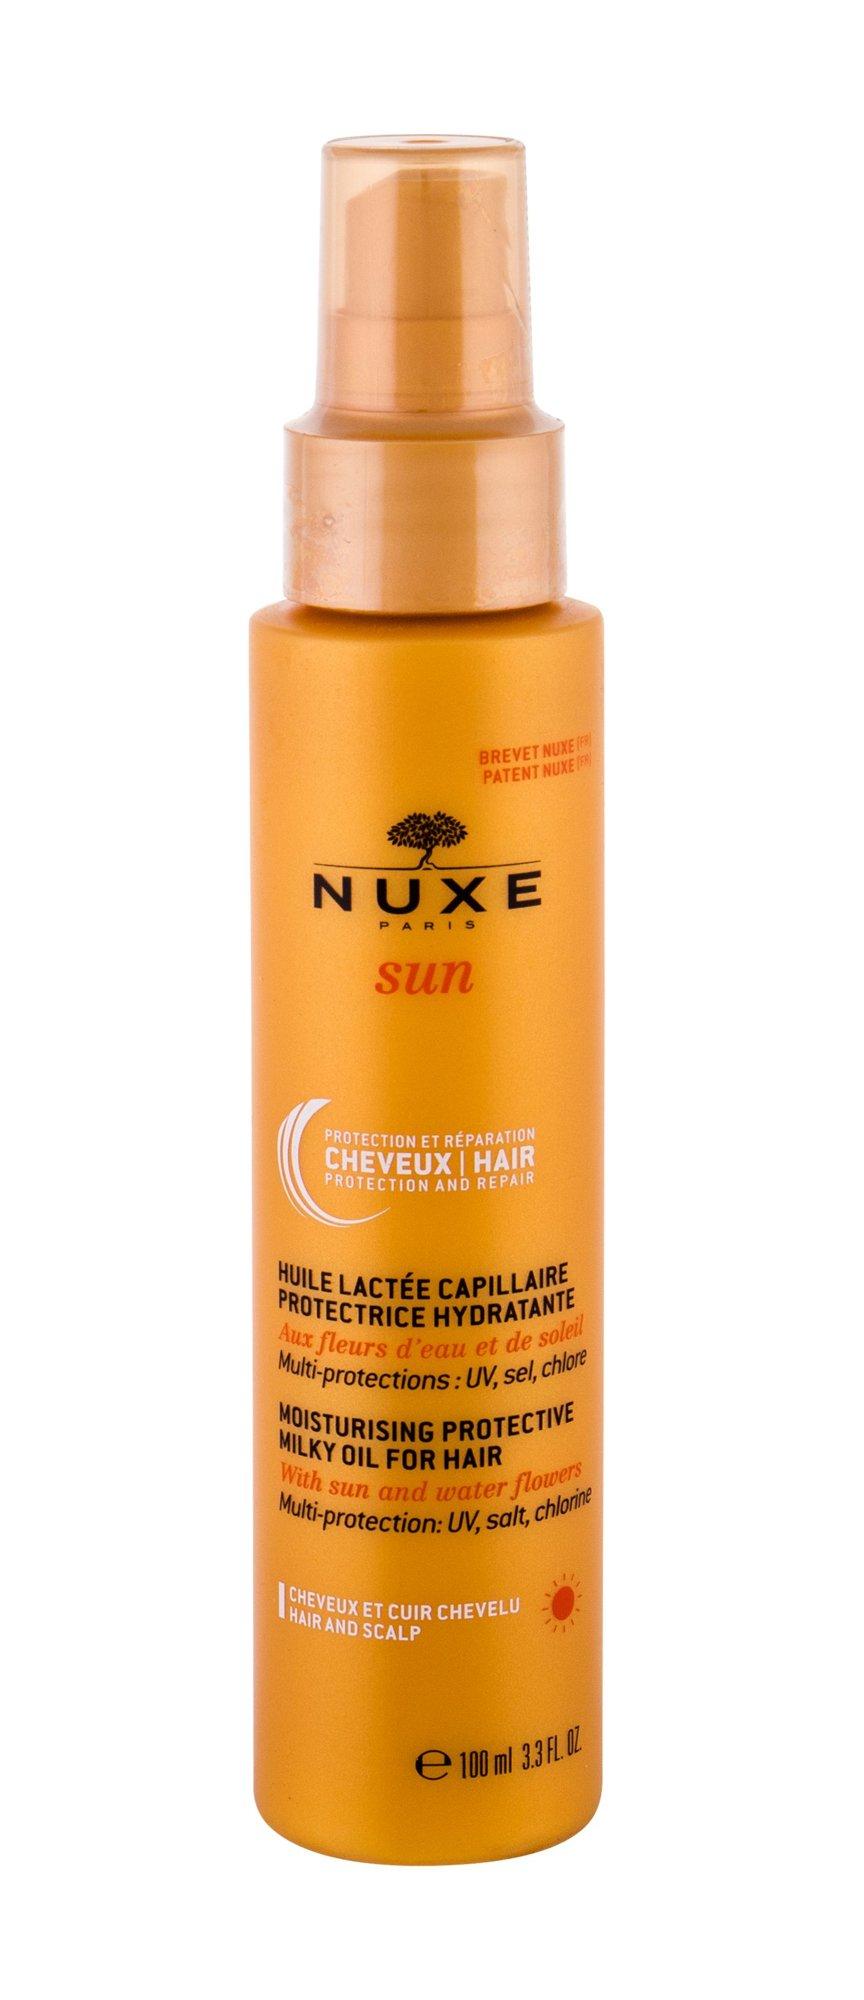 NUXE Sun Hair Oils and Serum 100ml